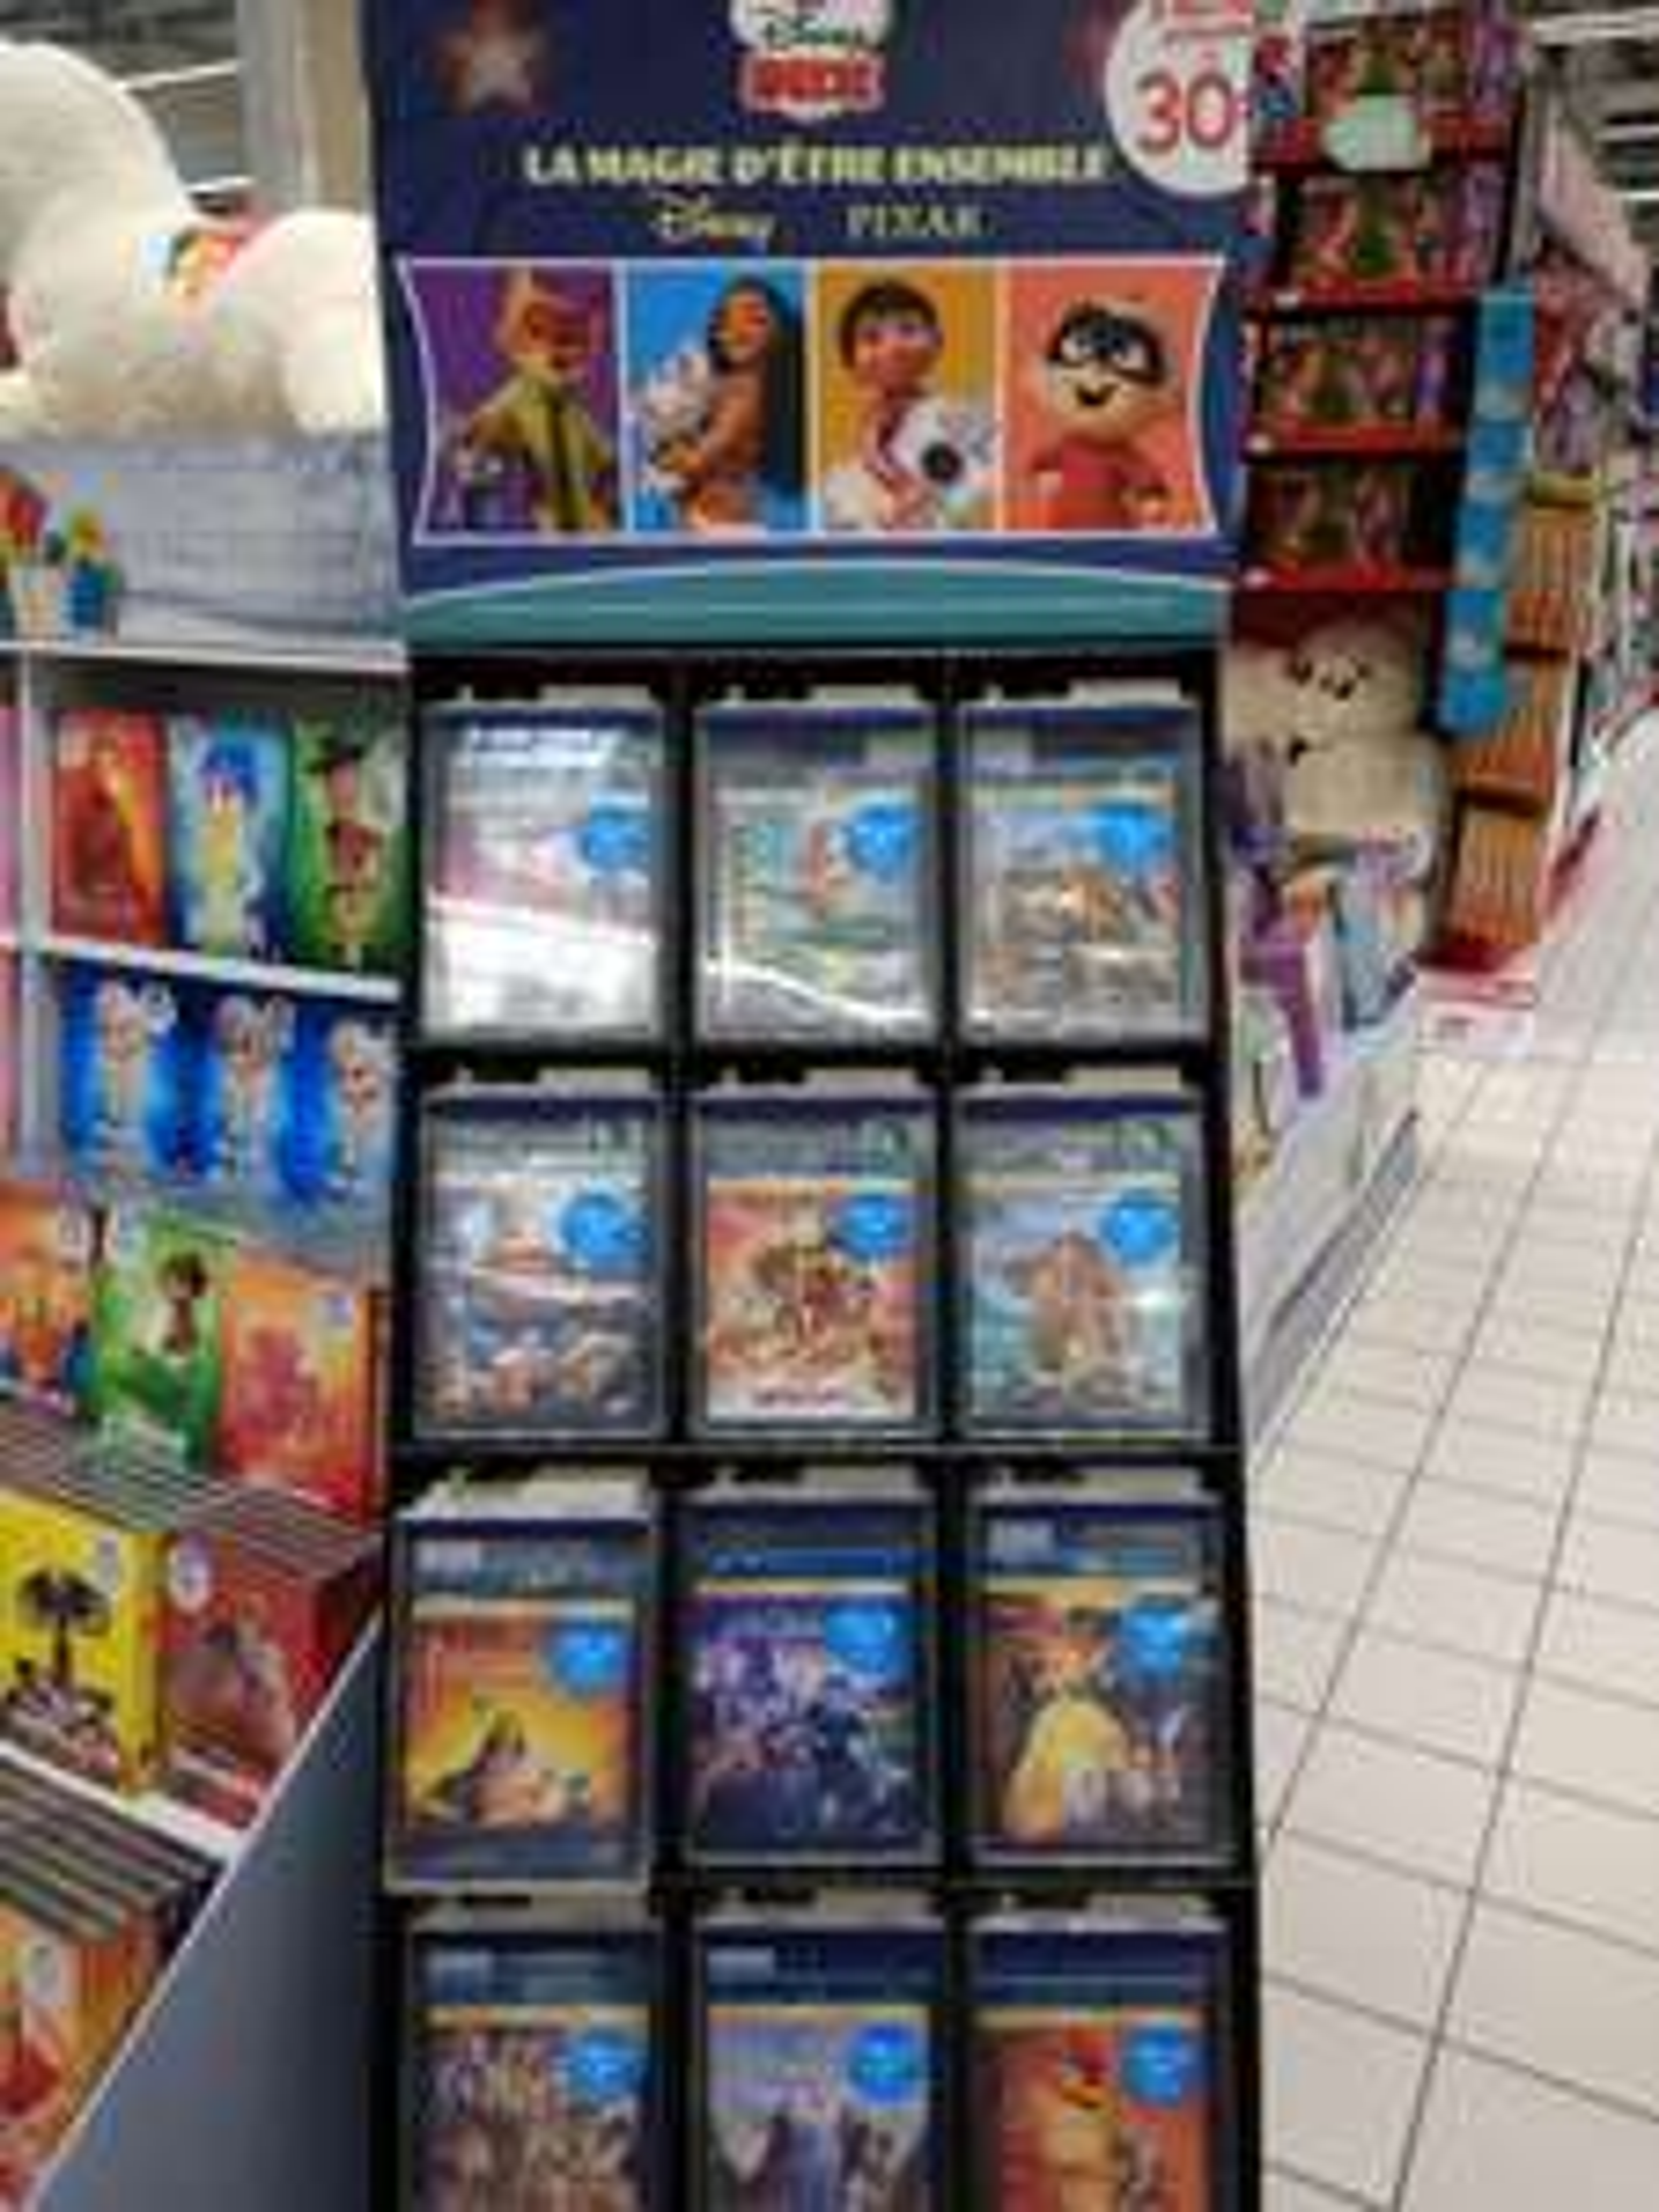 3 Blu-ray Disney au choix parmi une sélection pour 30€